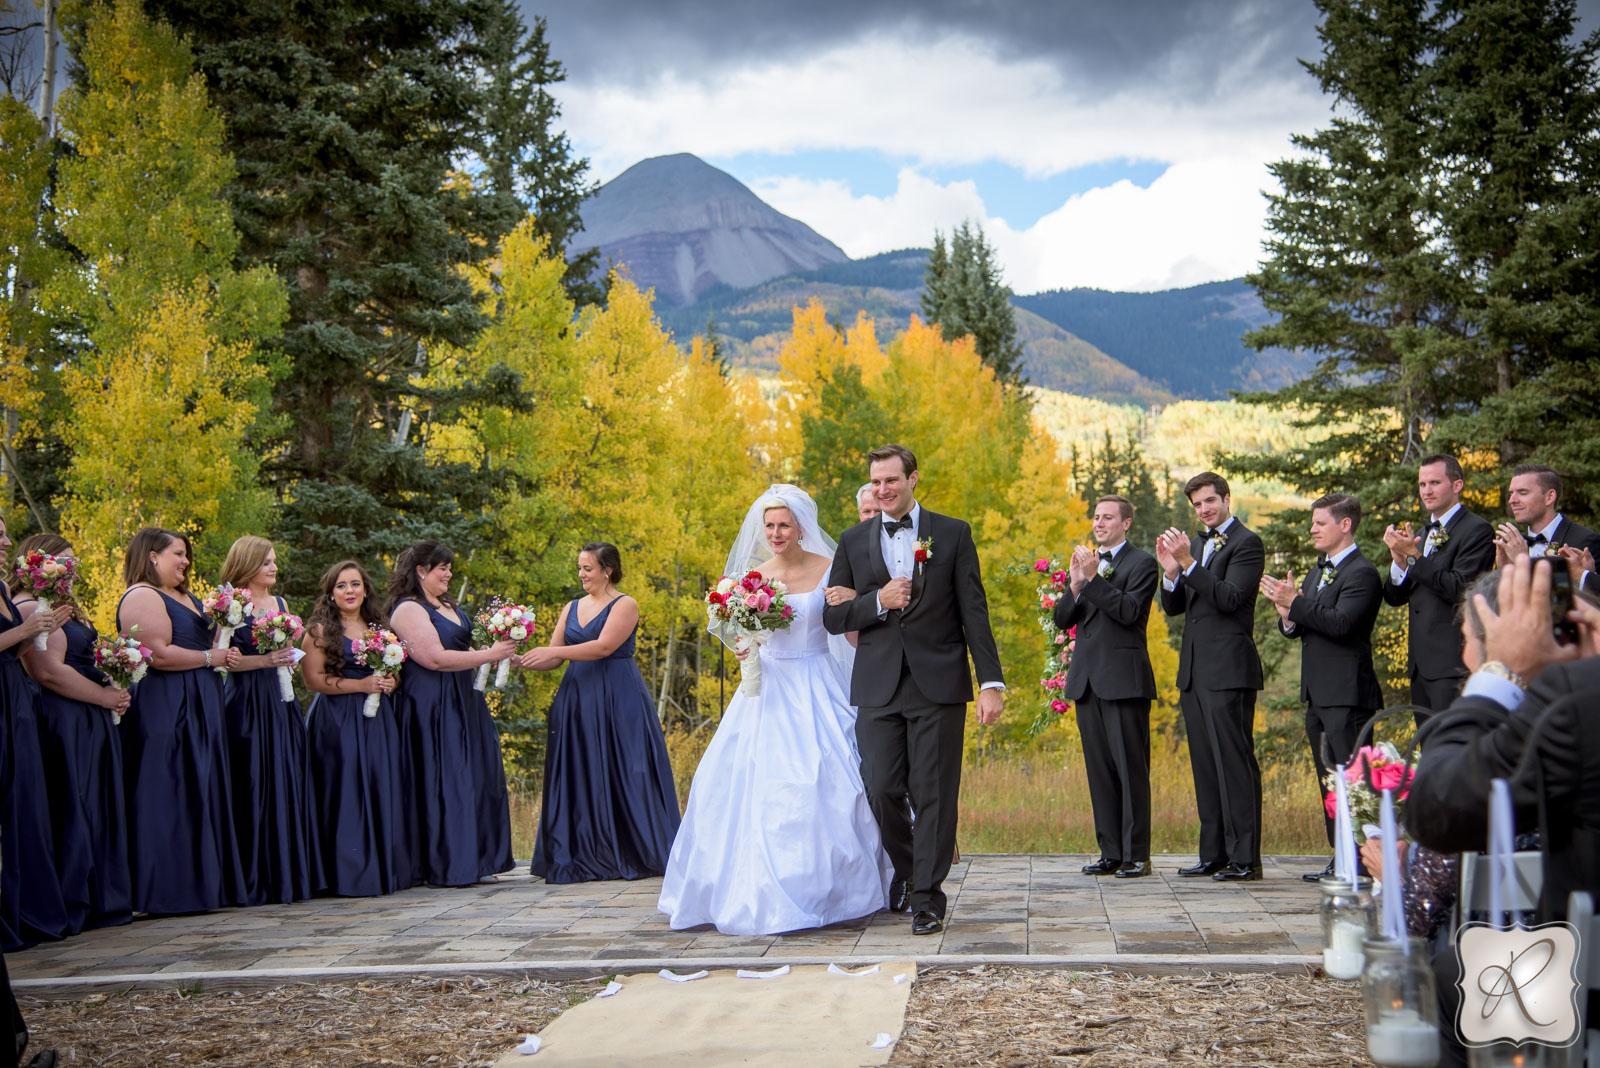 Fall wedding portriats